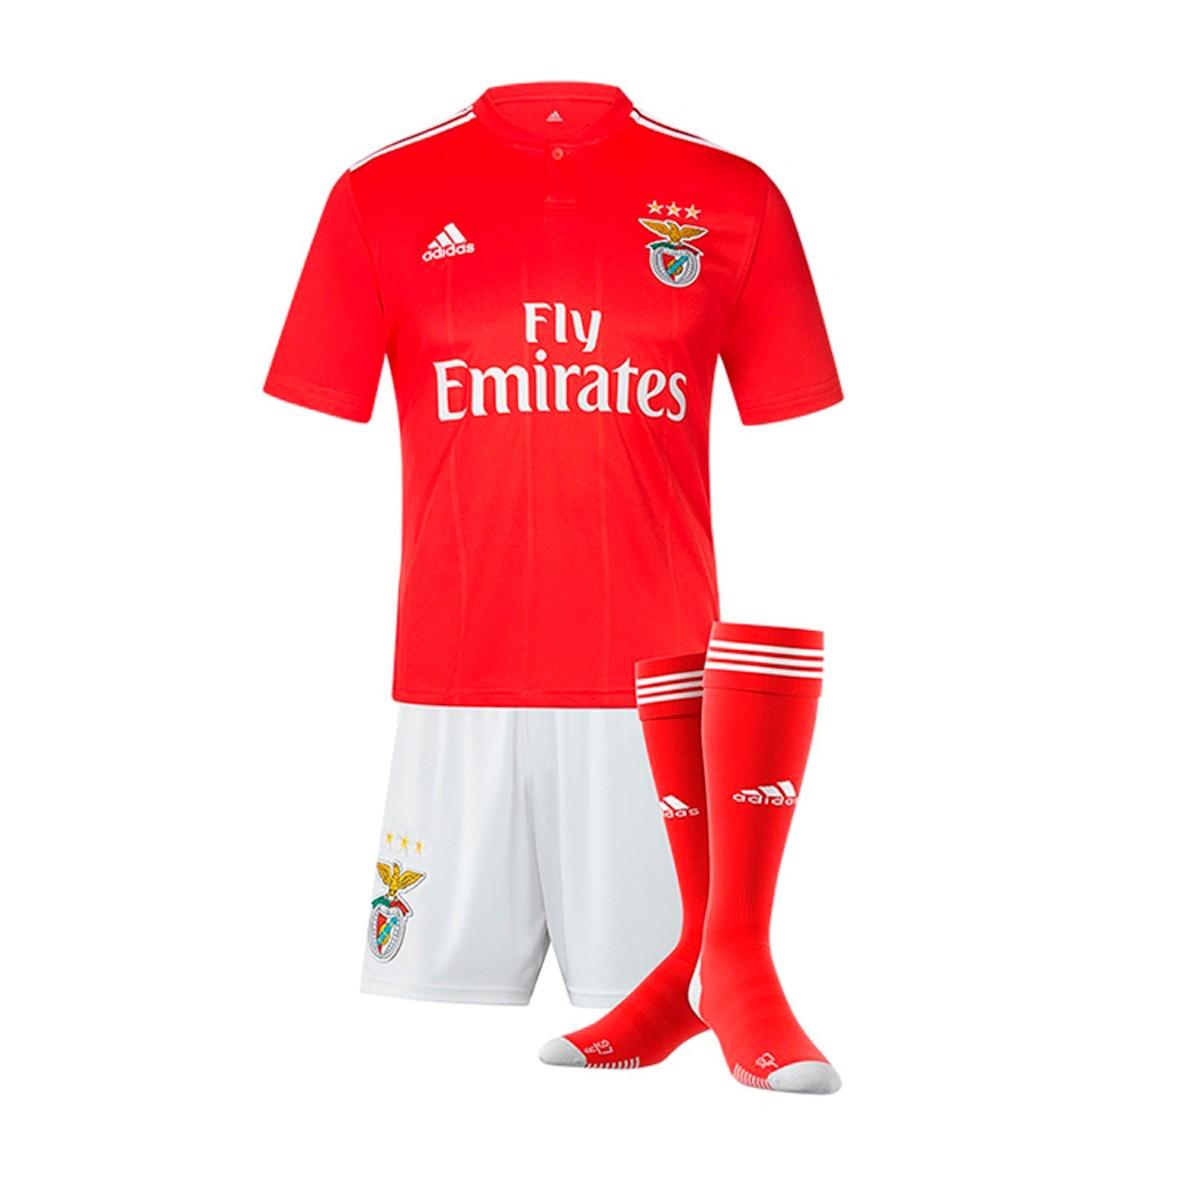 Conjunto SL Benfica Primera Equipación 2018 2019 Niño Benfica red White